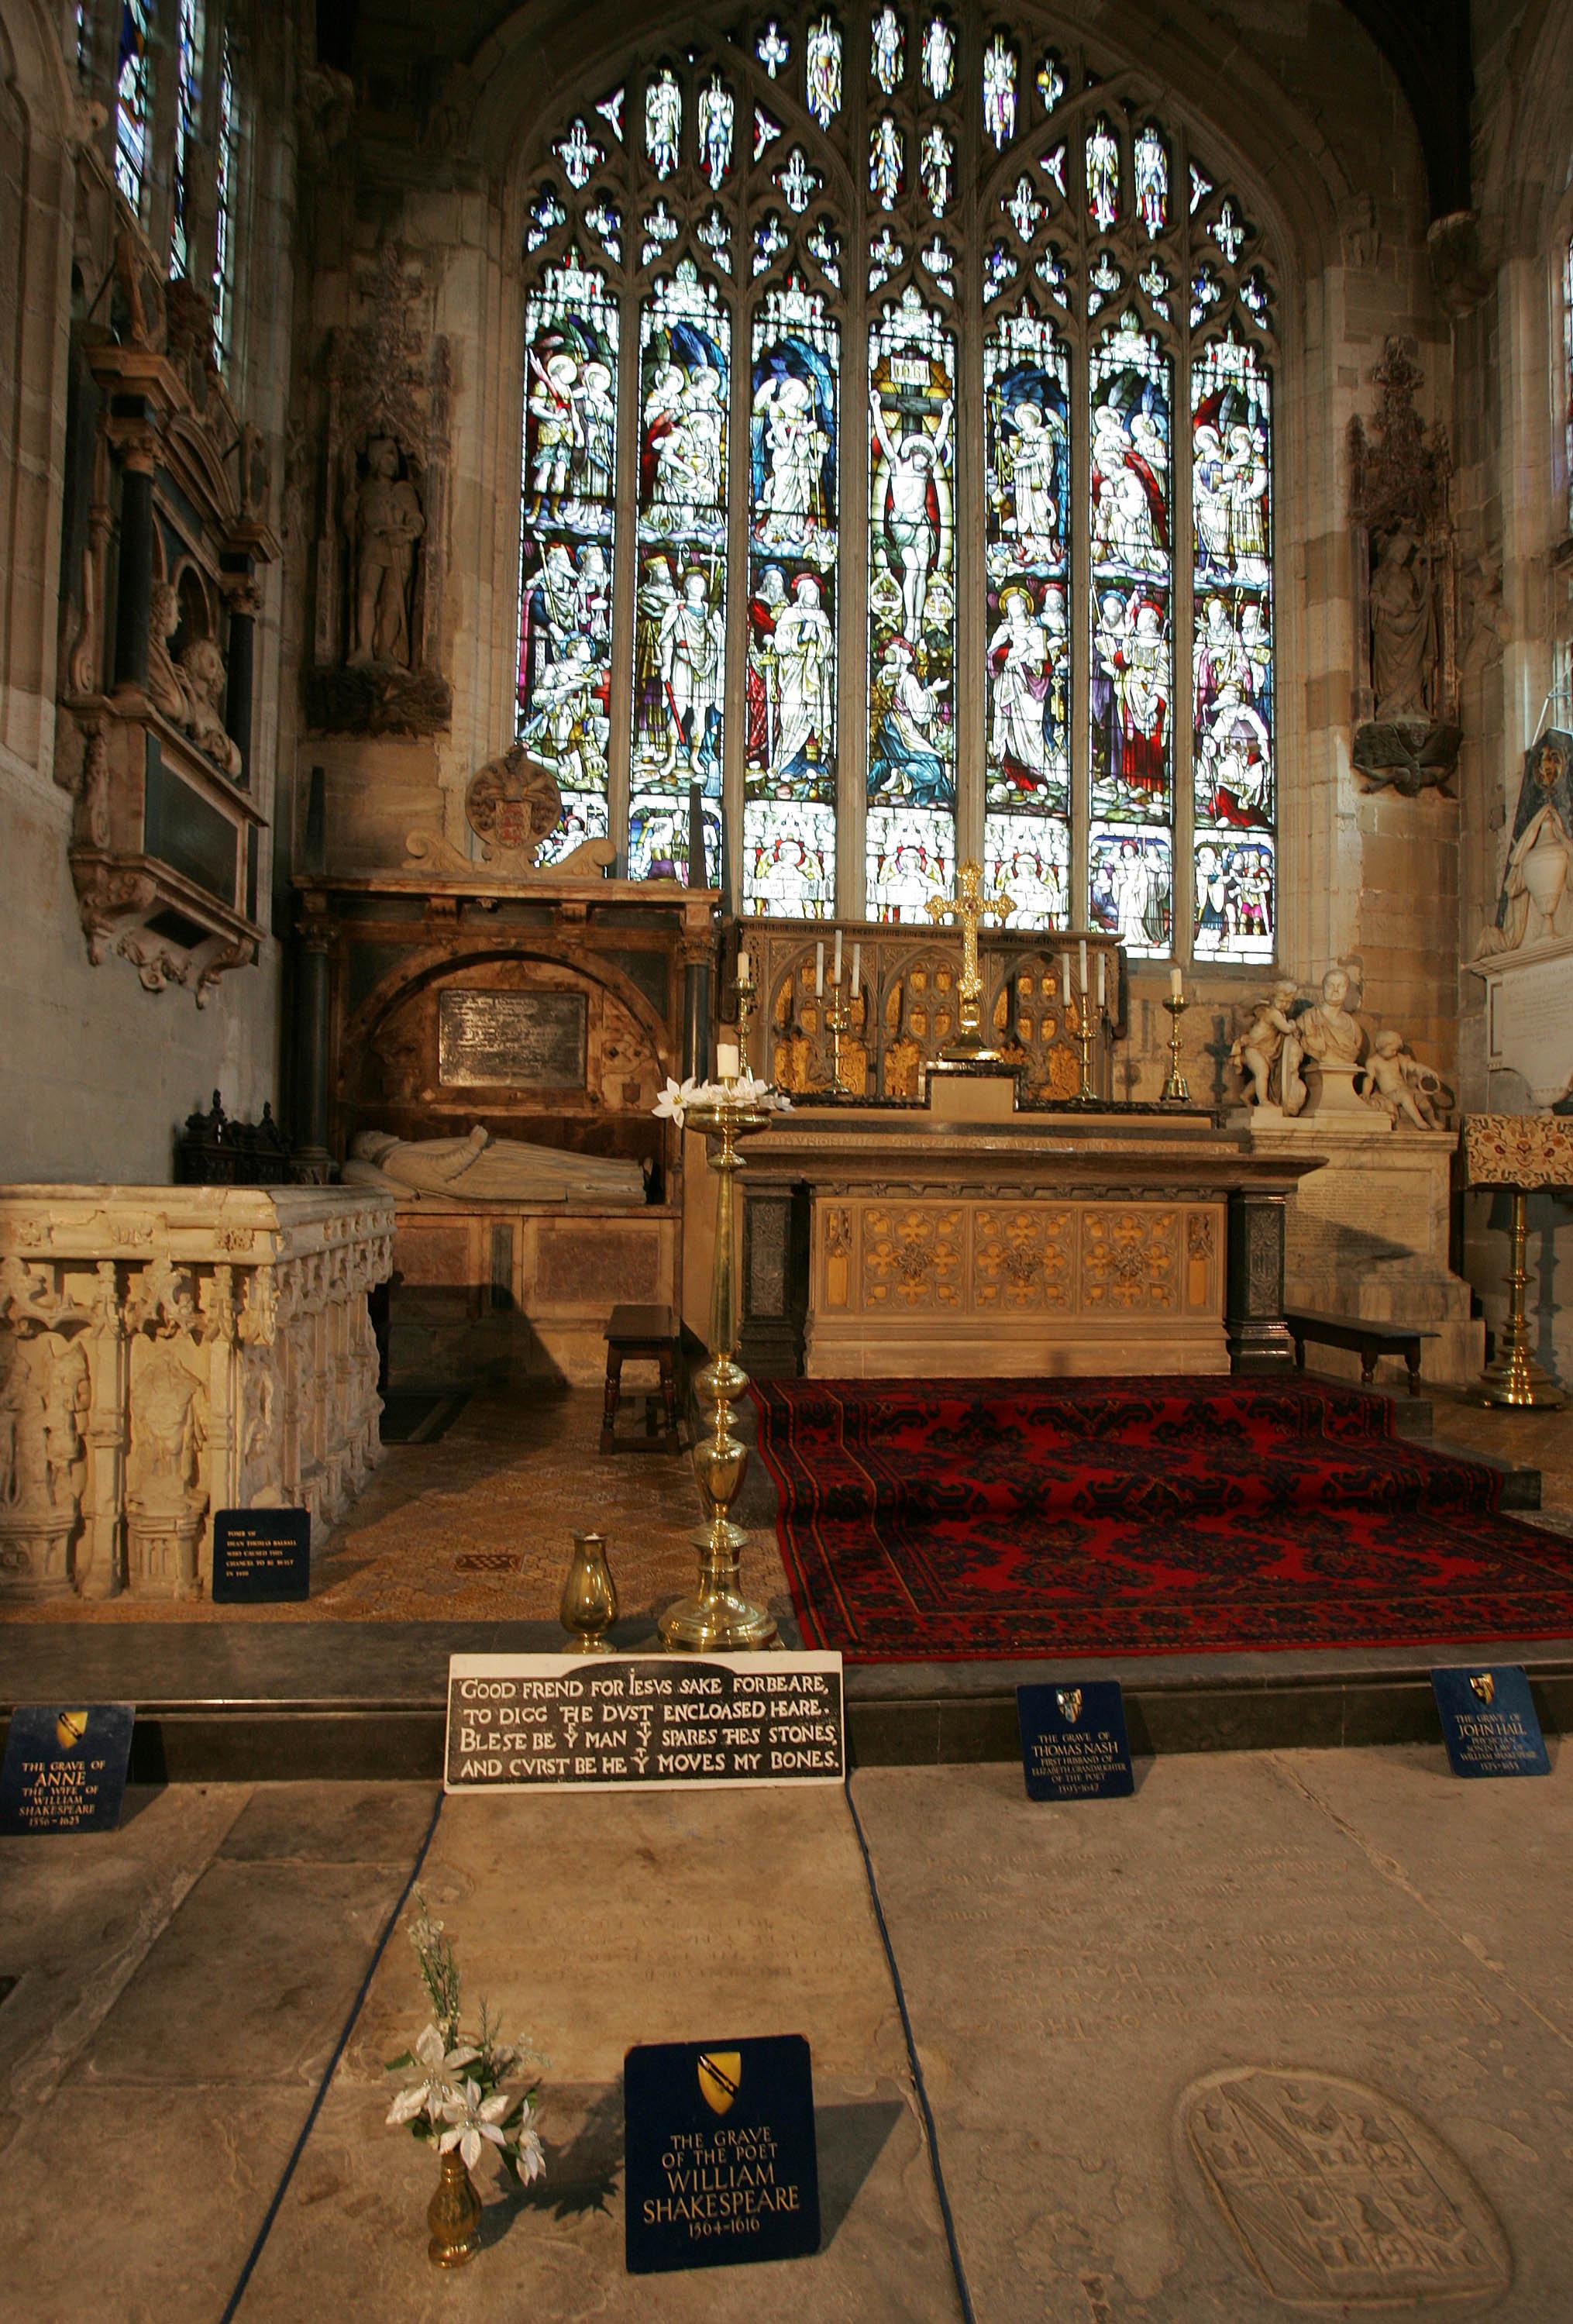 В этой церкви святой Троицы в Стратфорде-на-Эйвоне был крещен, а после смерти упокоен Уильям Шекспир